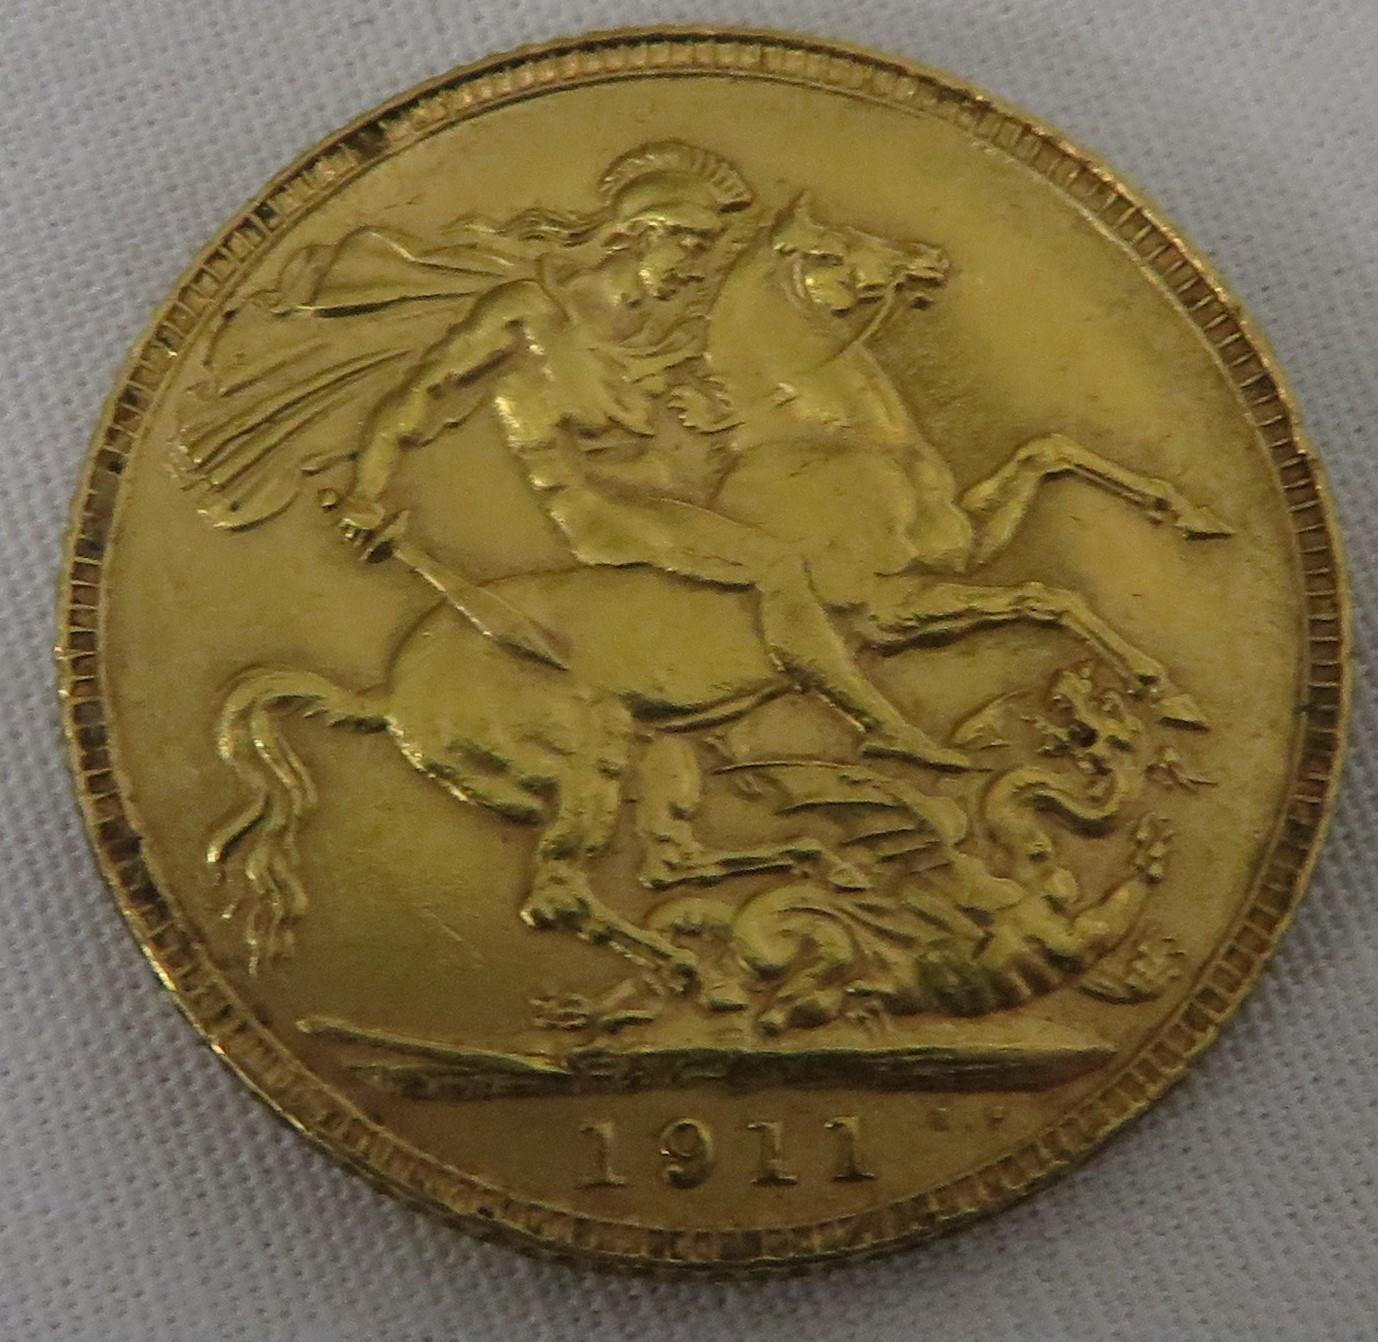 Lot 10 - 1911 full sovereign